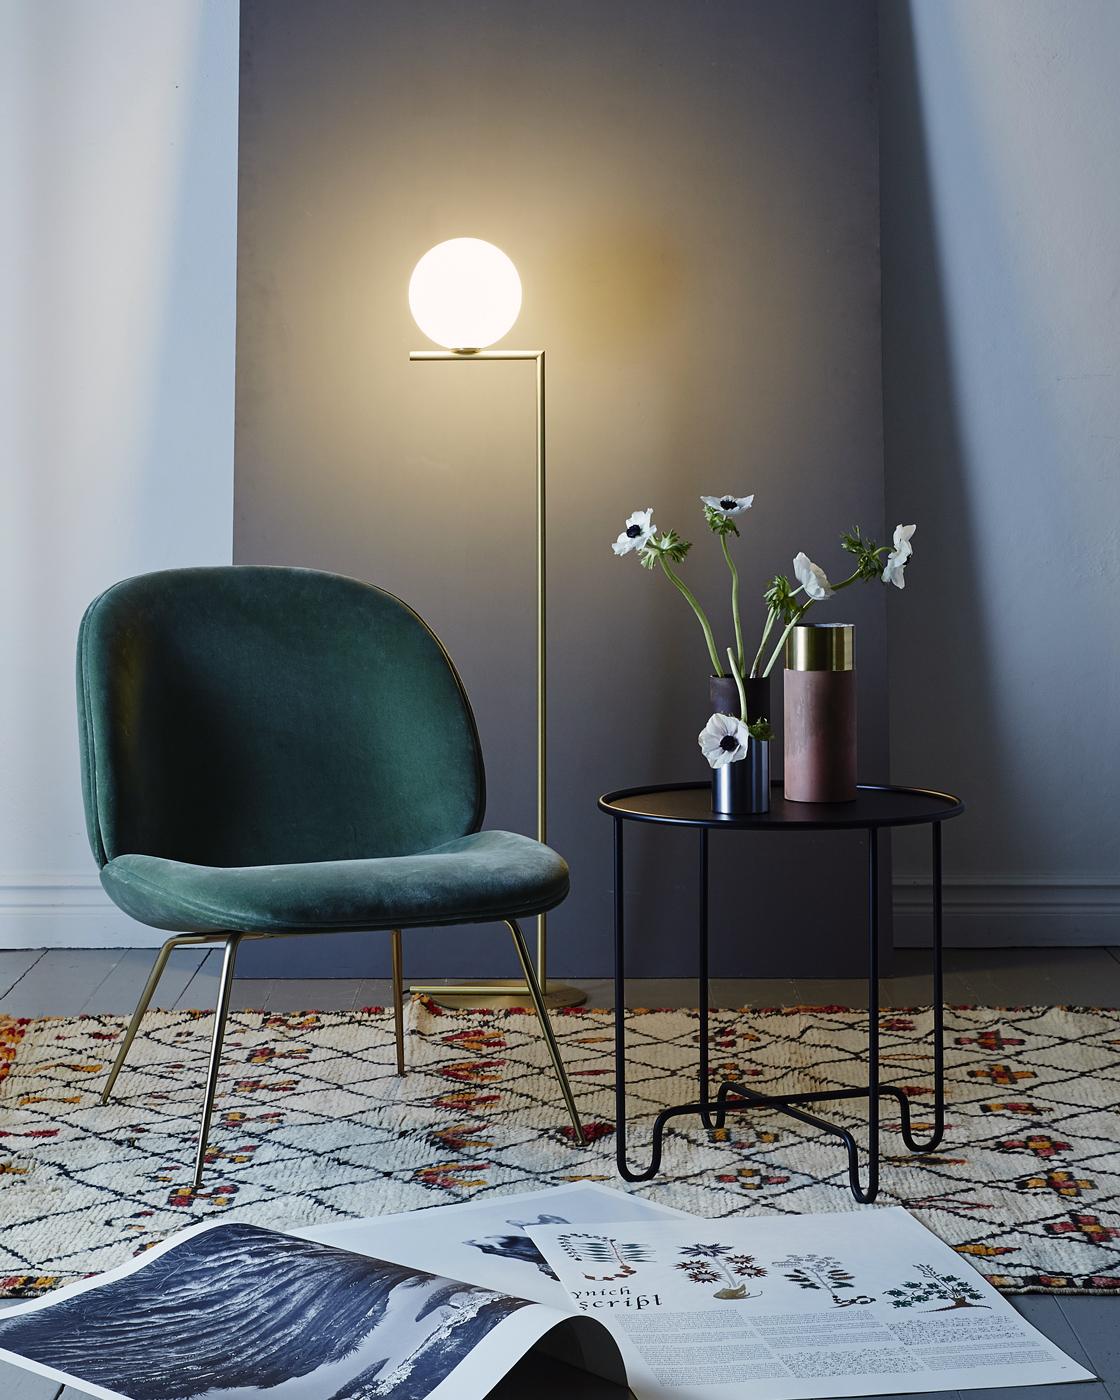 velvet_styling_interior_chair